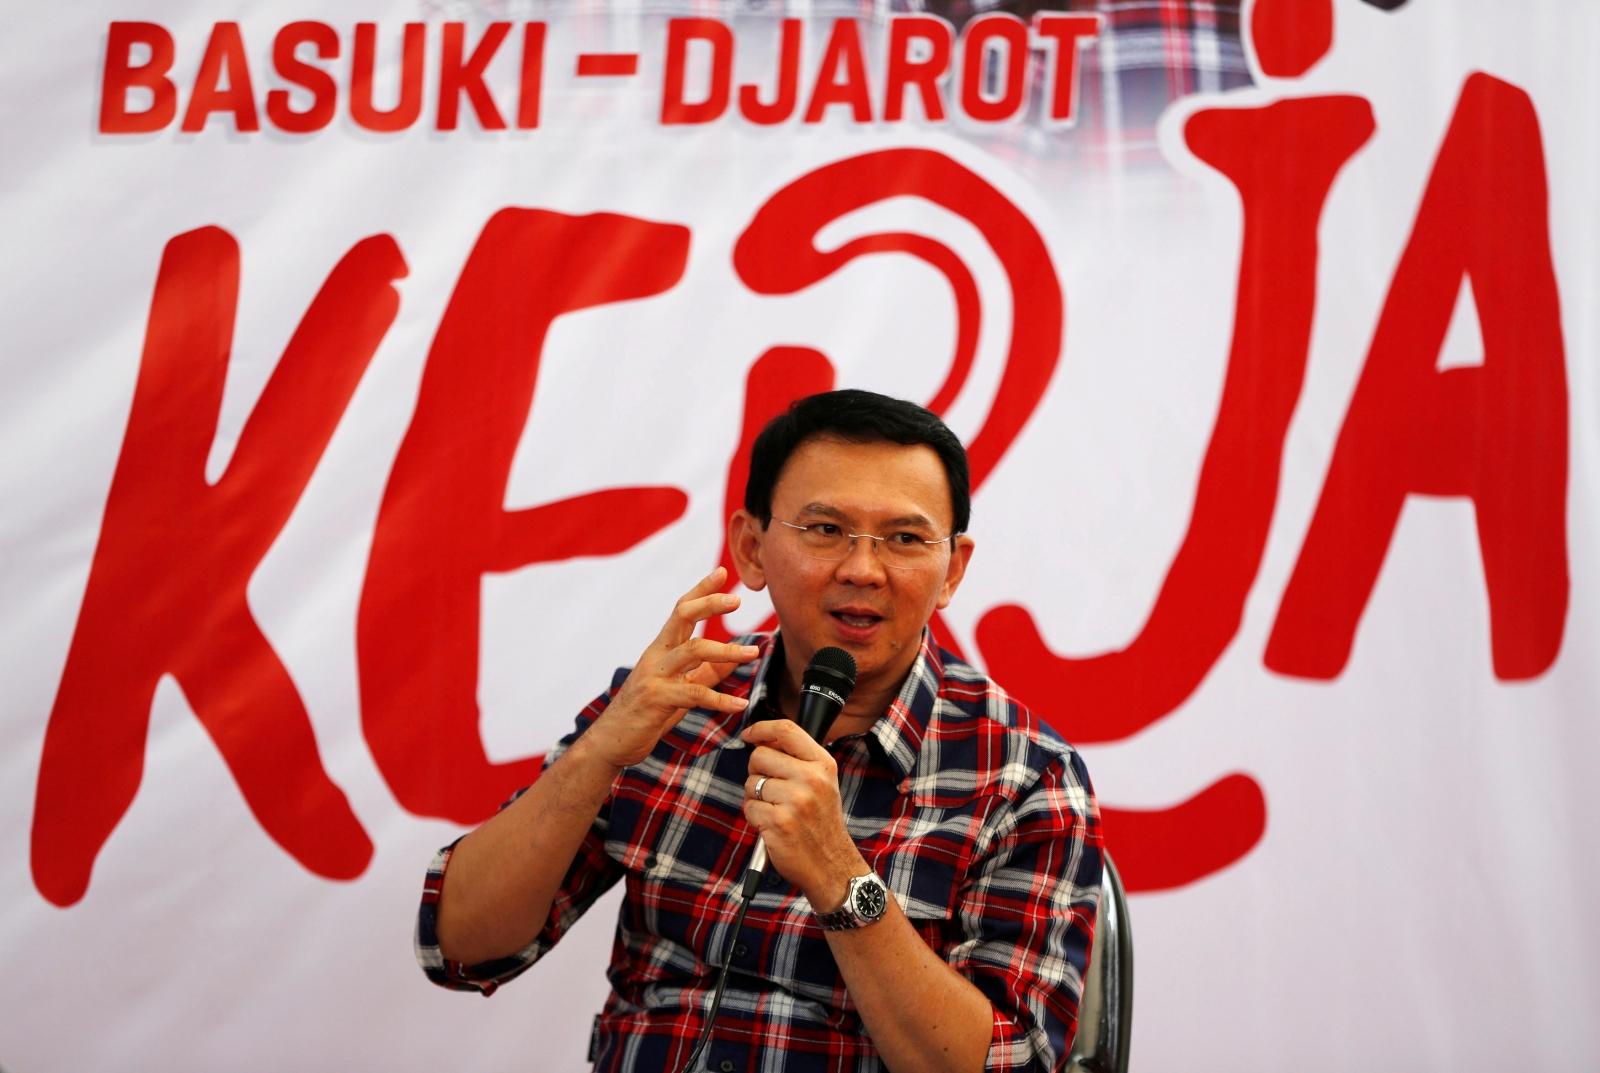 Indonesia jakartas chinese governor basuki ahok purnama sobs indonesia jakartas chinese governor basuki ahok purnama sobs as blasphemy trial begins stopboris Choice Image